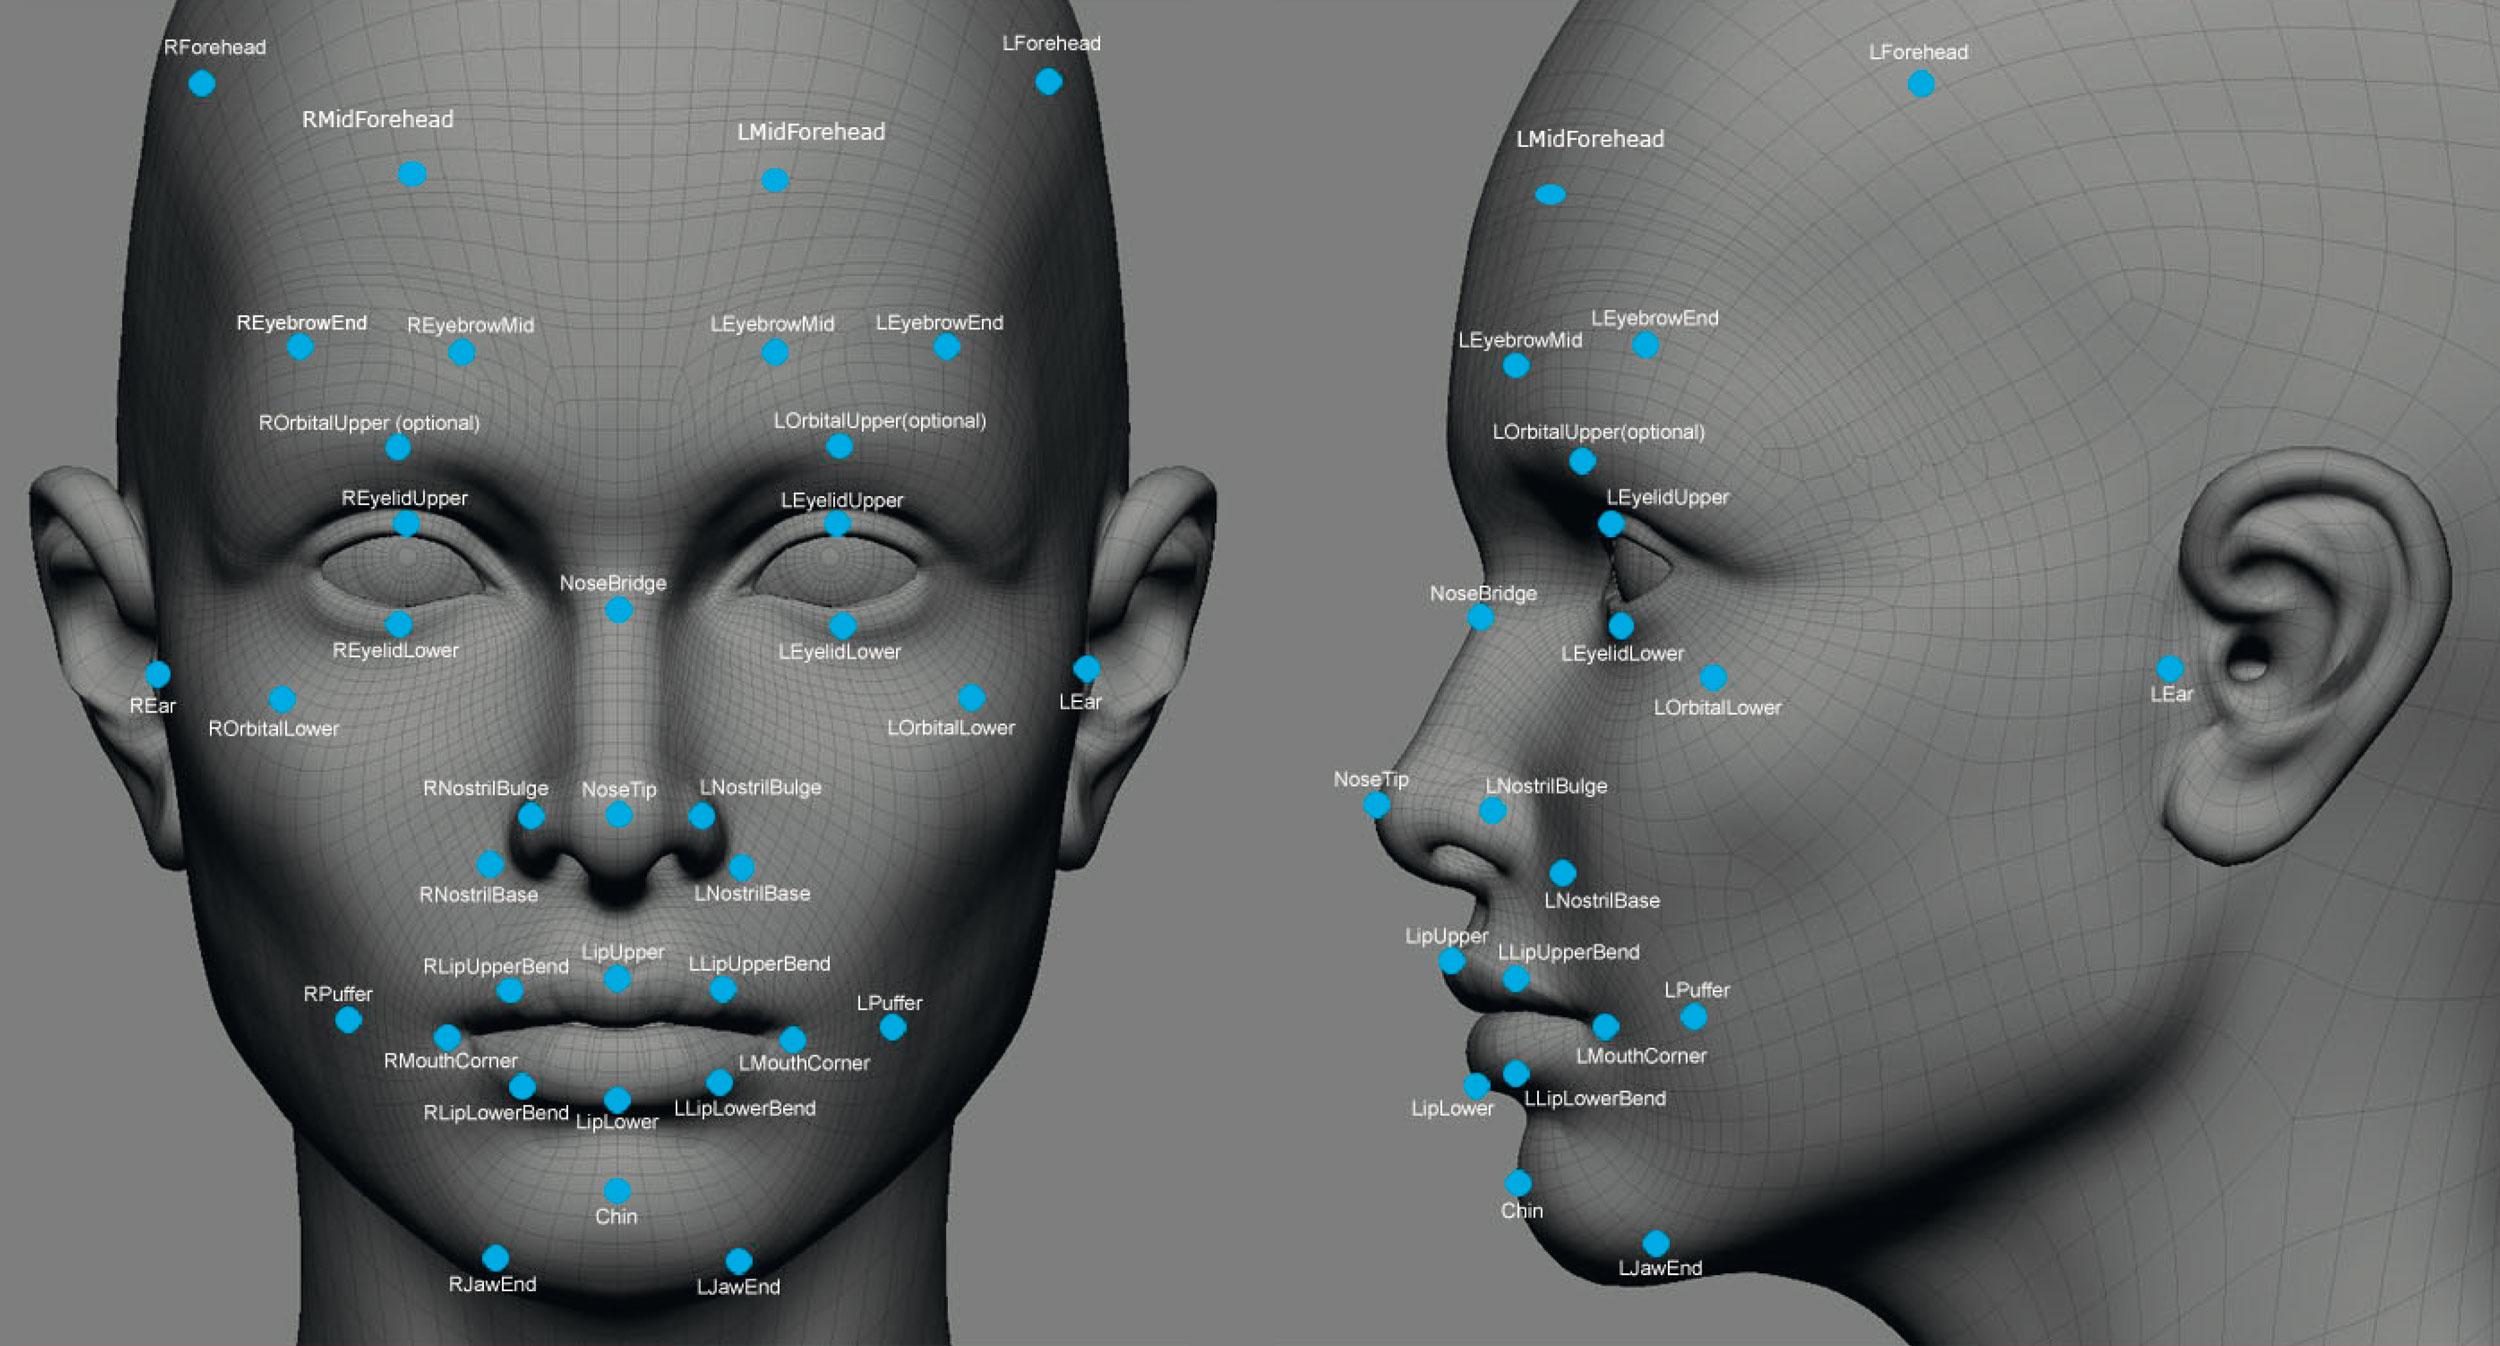 Cresce la domanda per i chip di riconoscimento facciale e dell'iride, mentre cala quella sui tablet